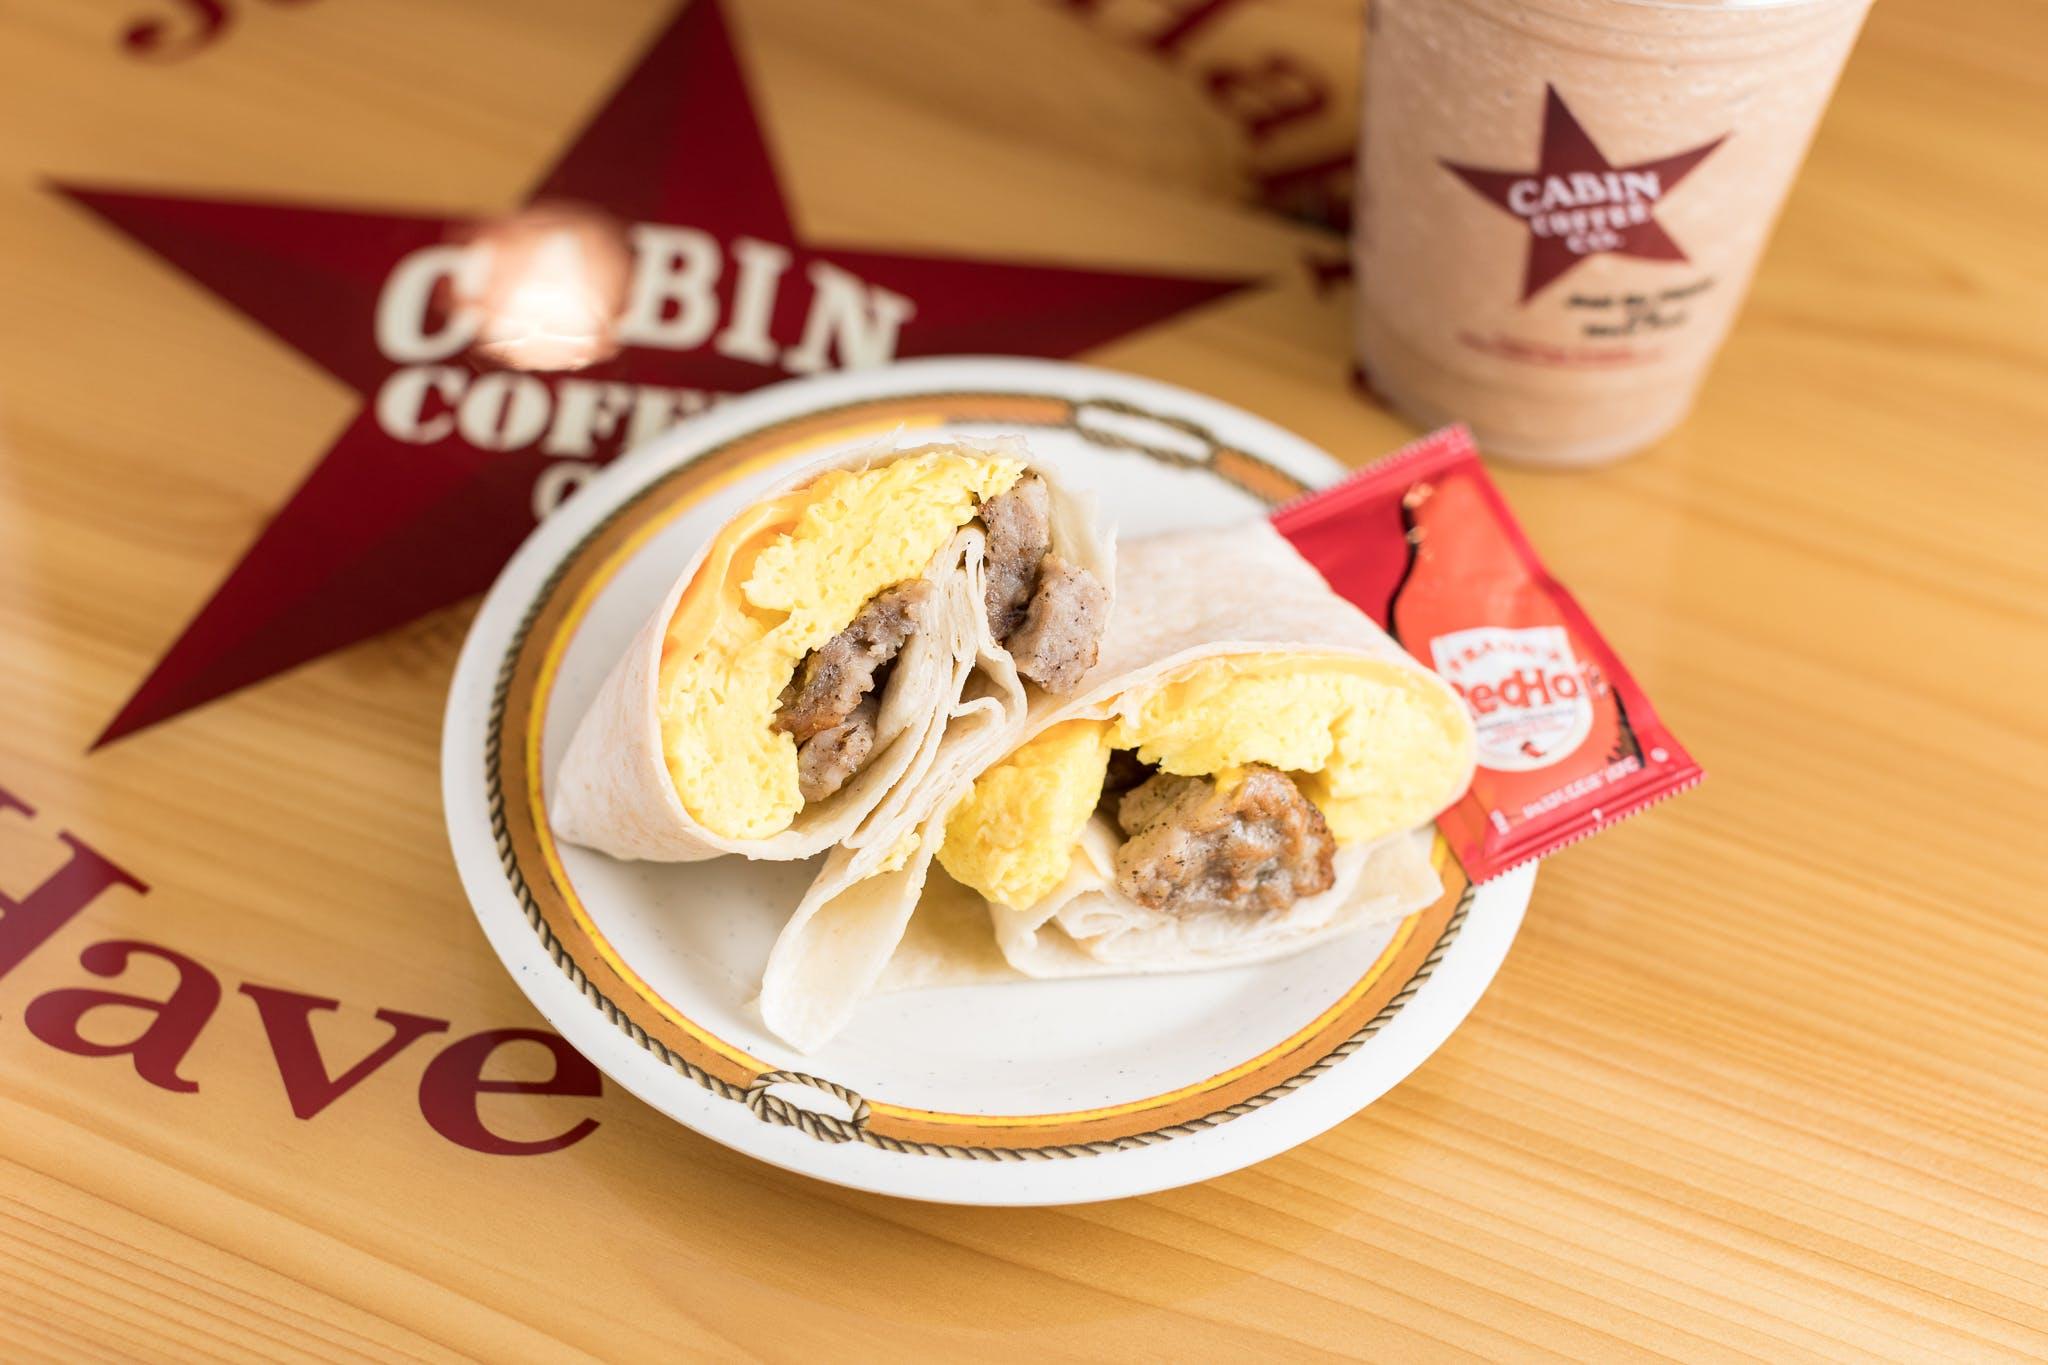 Southwest Breakfast Wrap from Cabin Coffee Co. in Altoona, WI